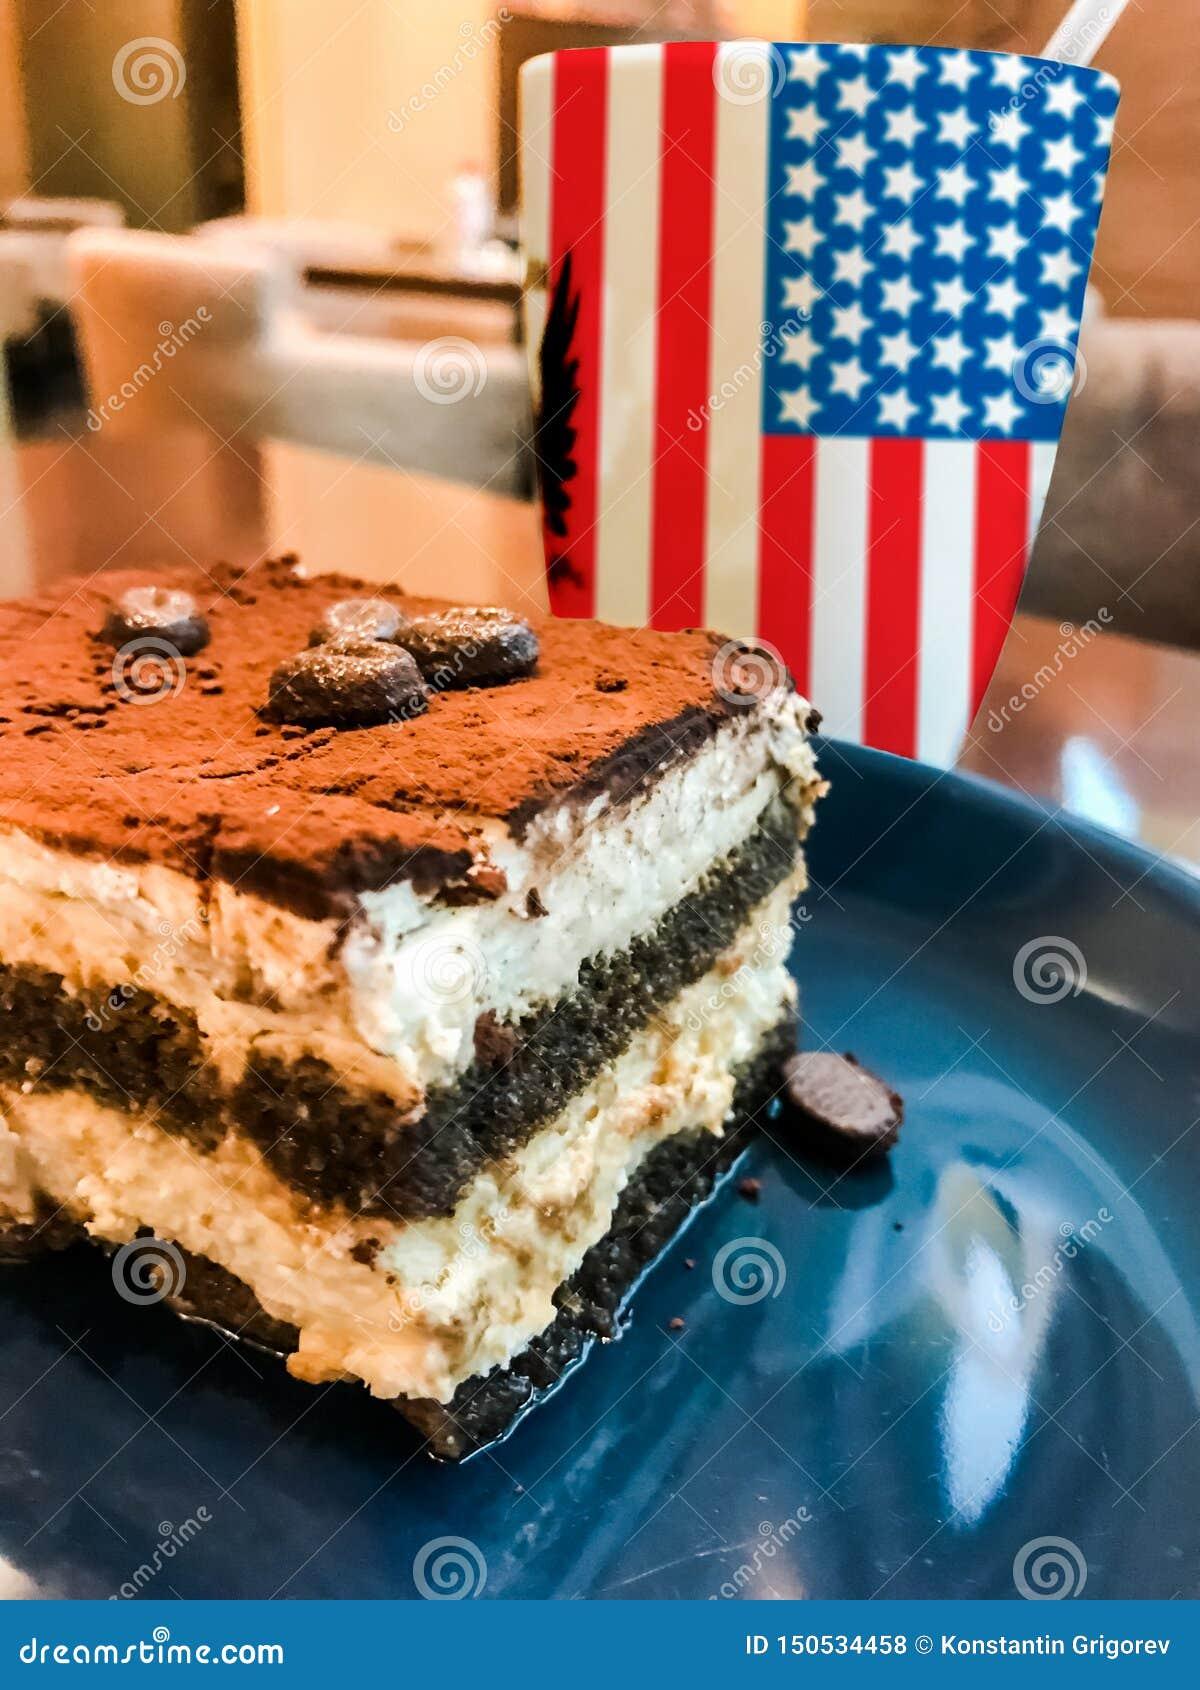 Tasse Kaffee mit USA-Flaggendruck und geschmackvollem Sahnekuchen Tiramisu